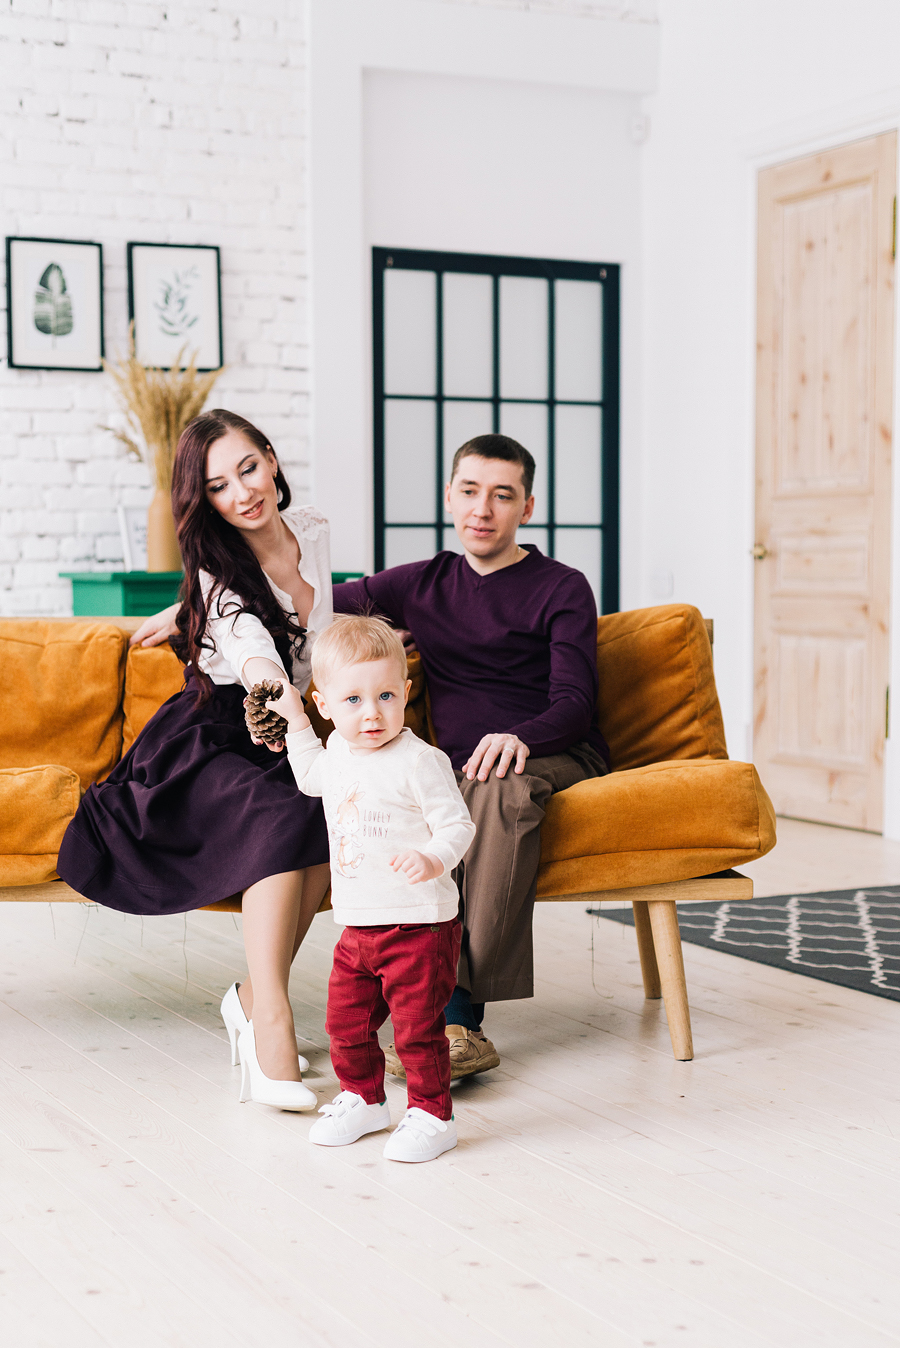 как одеться на семейную фотосъёмку